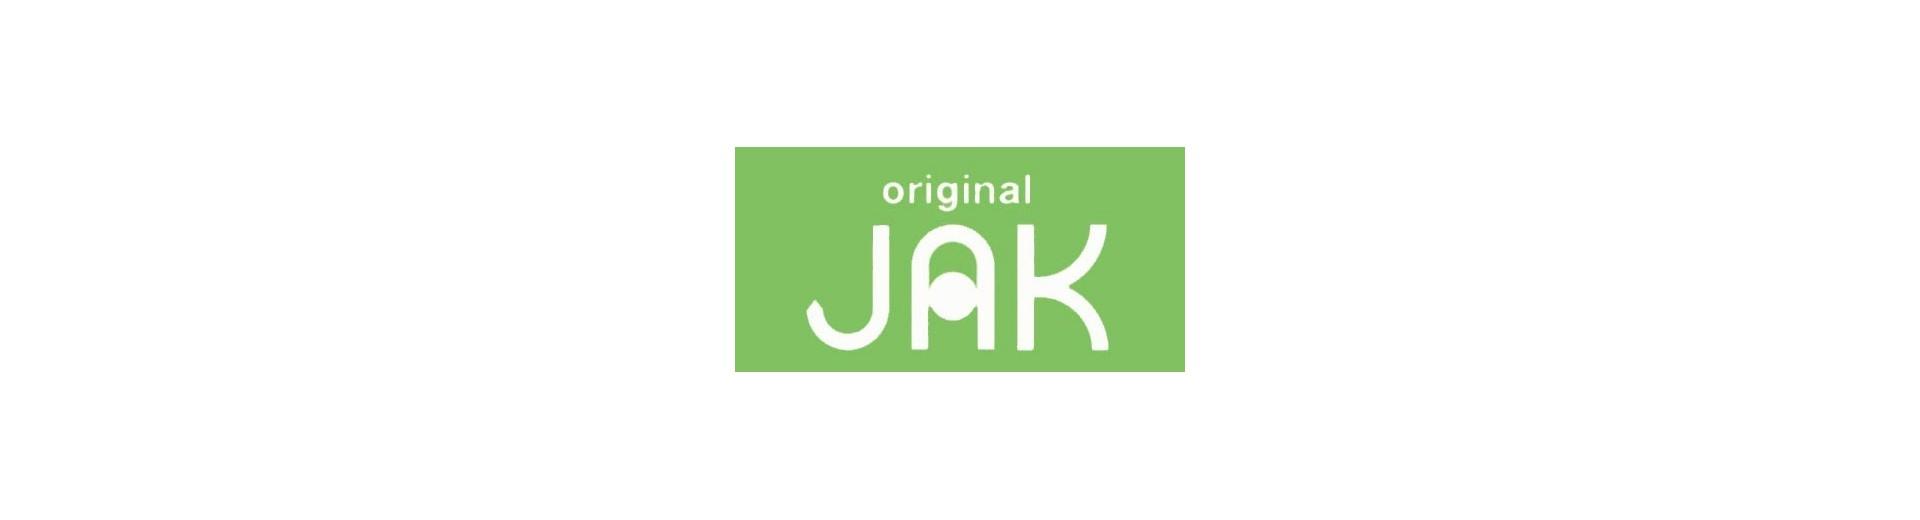 JAK Original